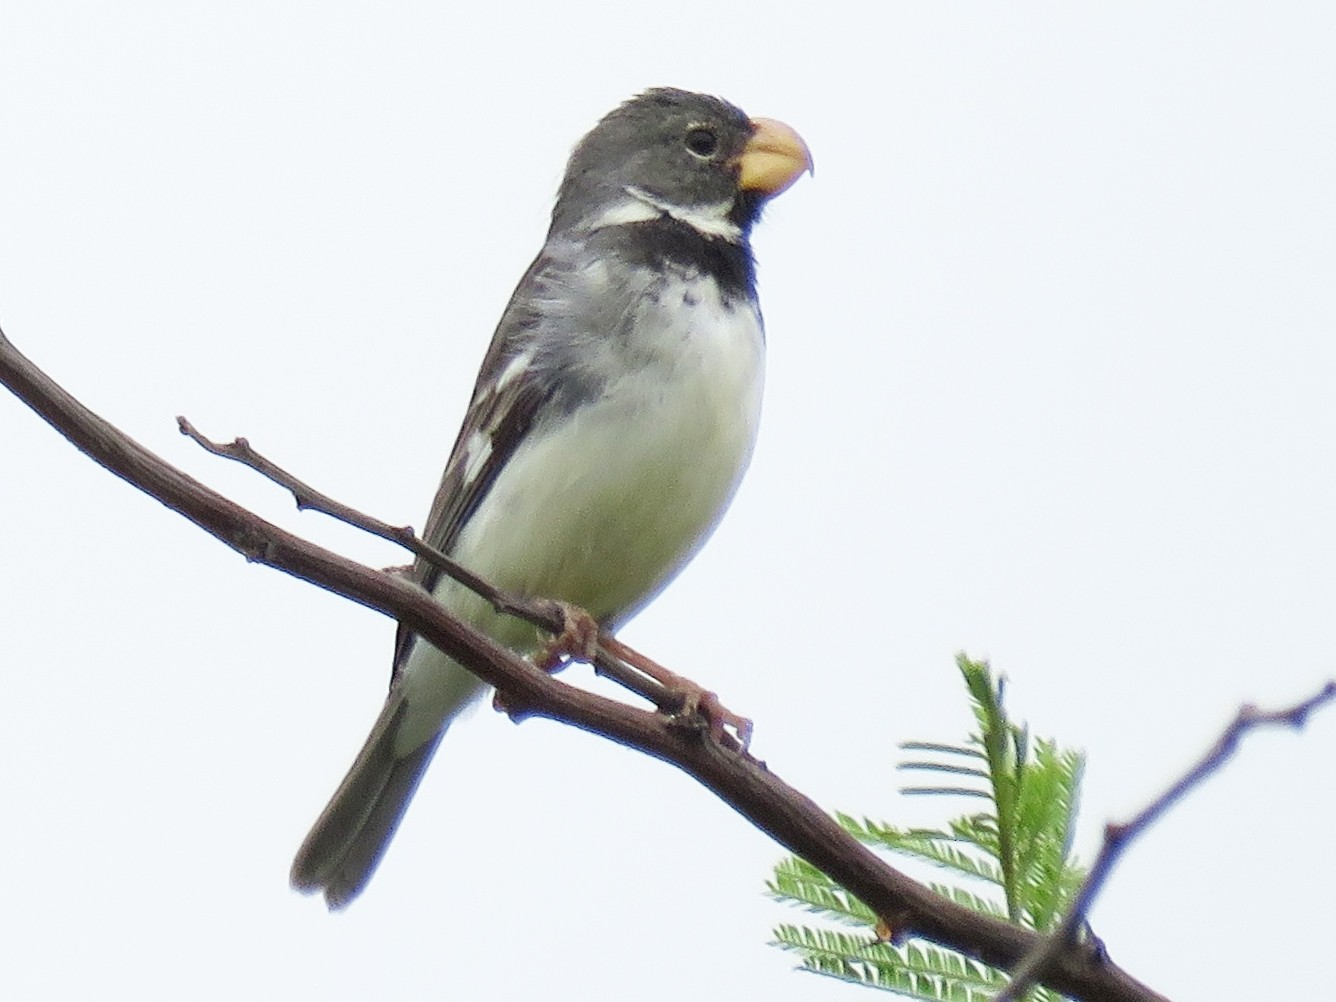 Parrot-billed Seedeater - Miguel  Alvan